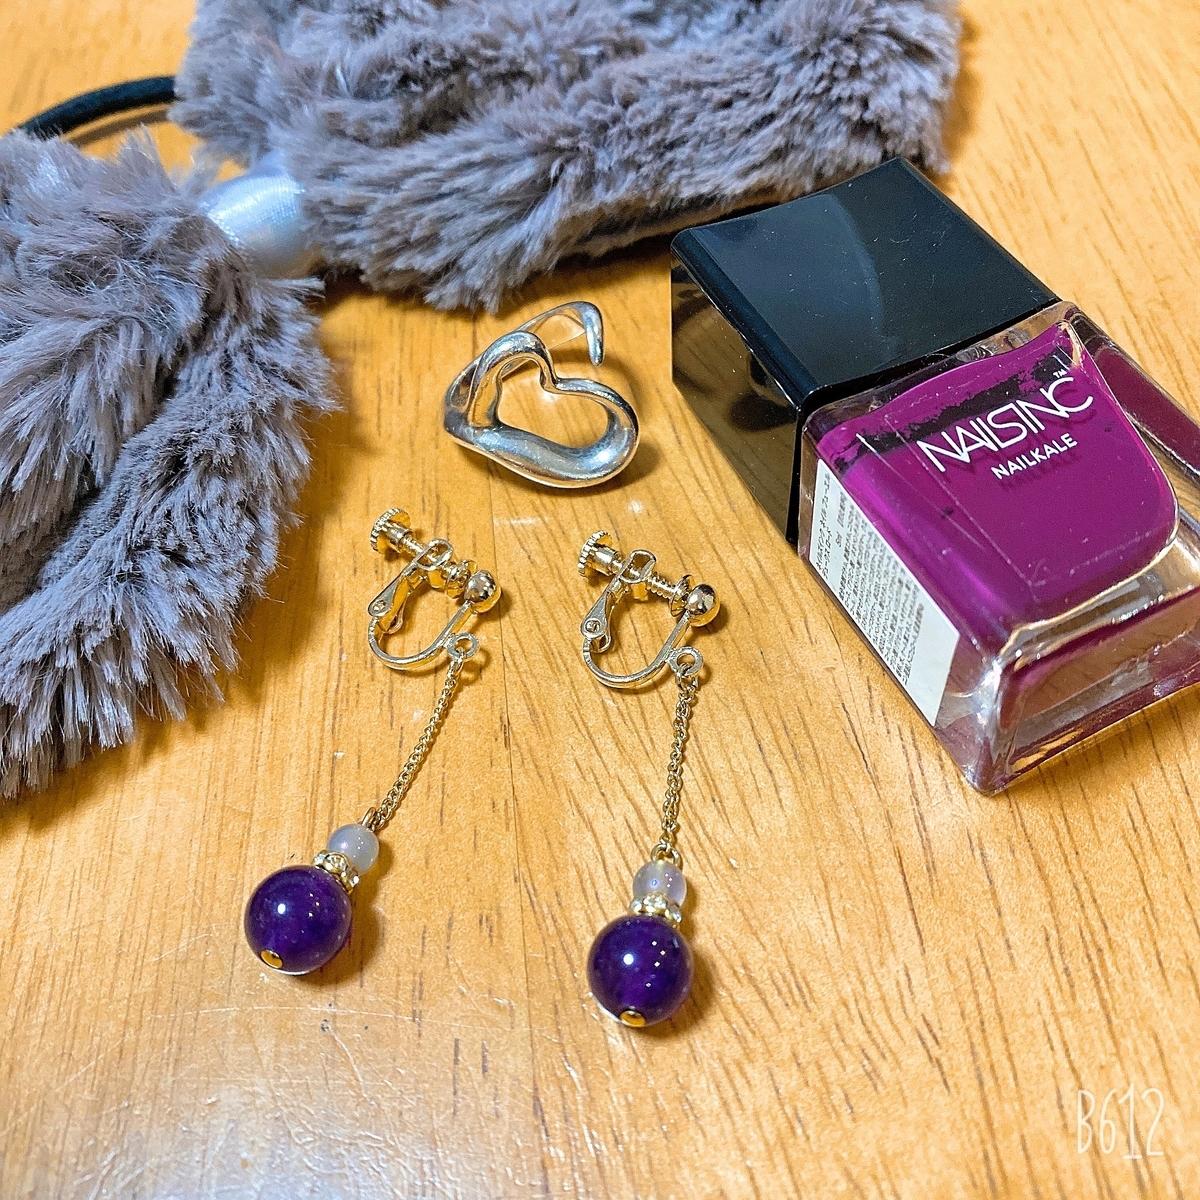 紫色のイヤリング・紫色のマニュキア・シルバーのリング・グレーのリボンの写真